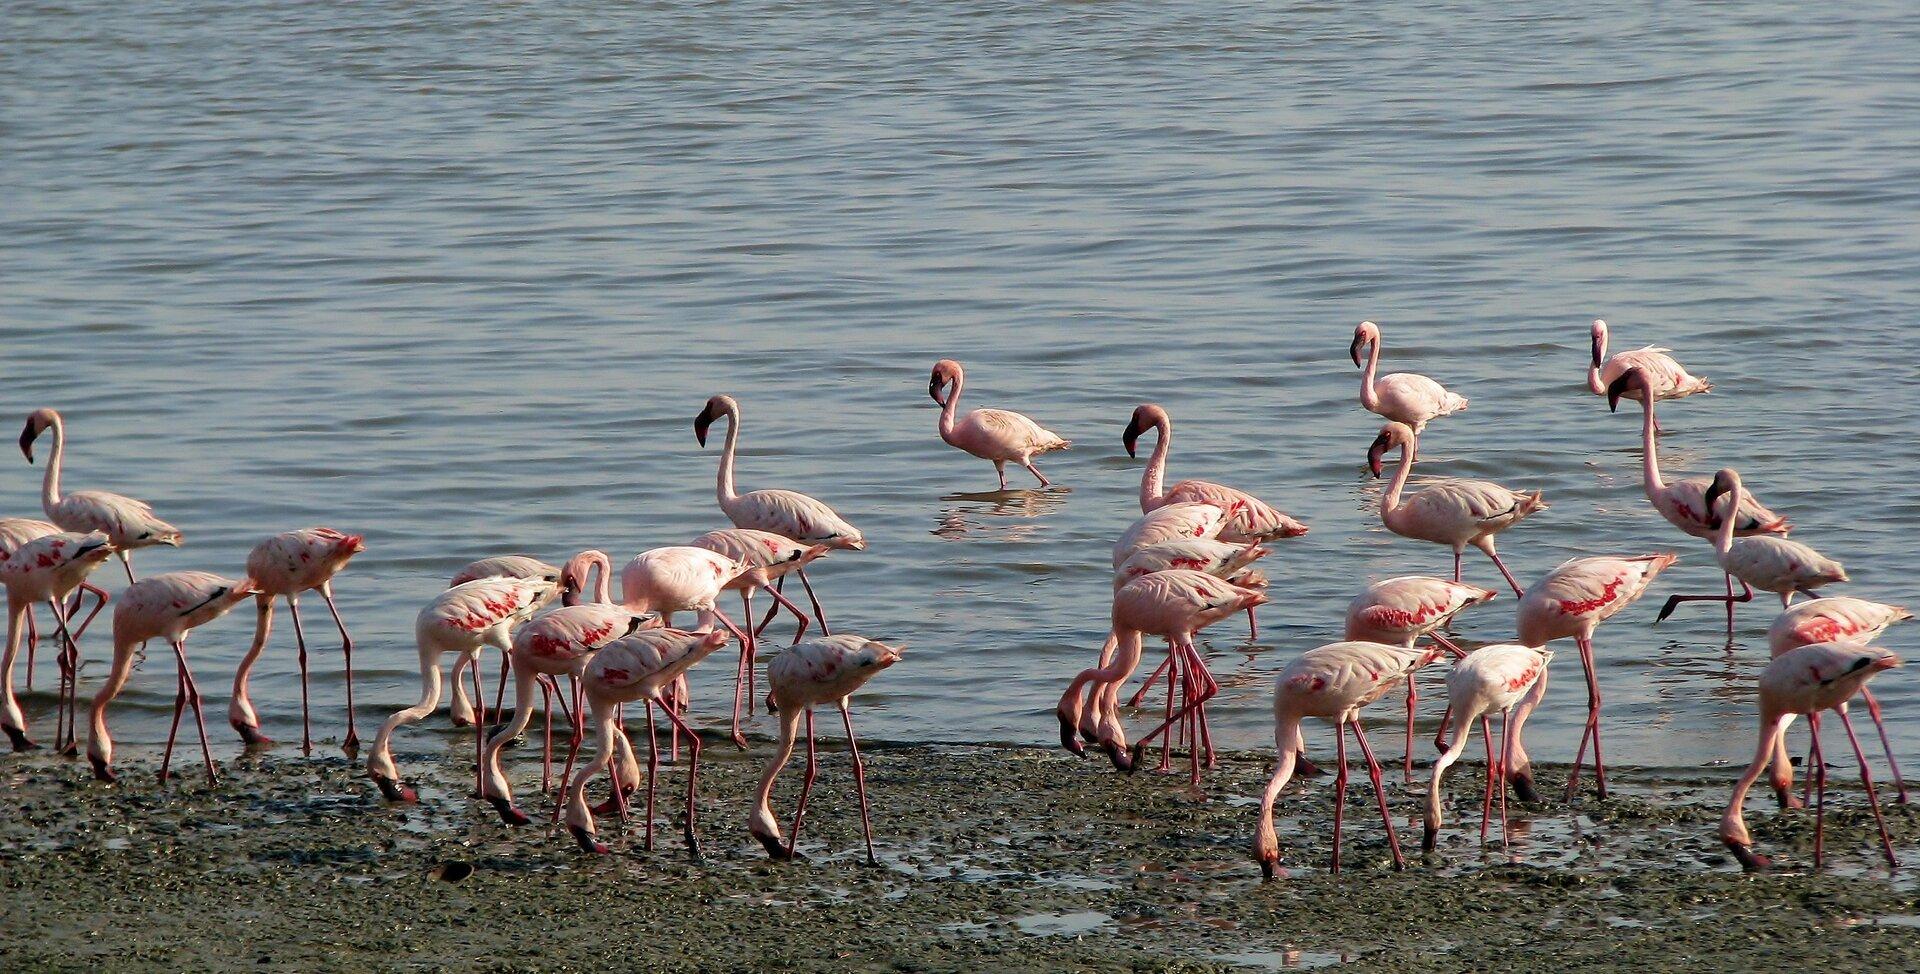 Fotografia prezentuje stado flamingów na brzegu dużego jeziora. Flamingi, to ptaki owysokich czerwonych nogach, białoróżowym upierzeniu oraz długiej szyi zakończonej czerwonym zakrzywionym dziobem.